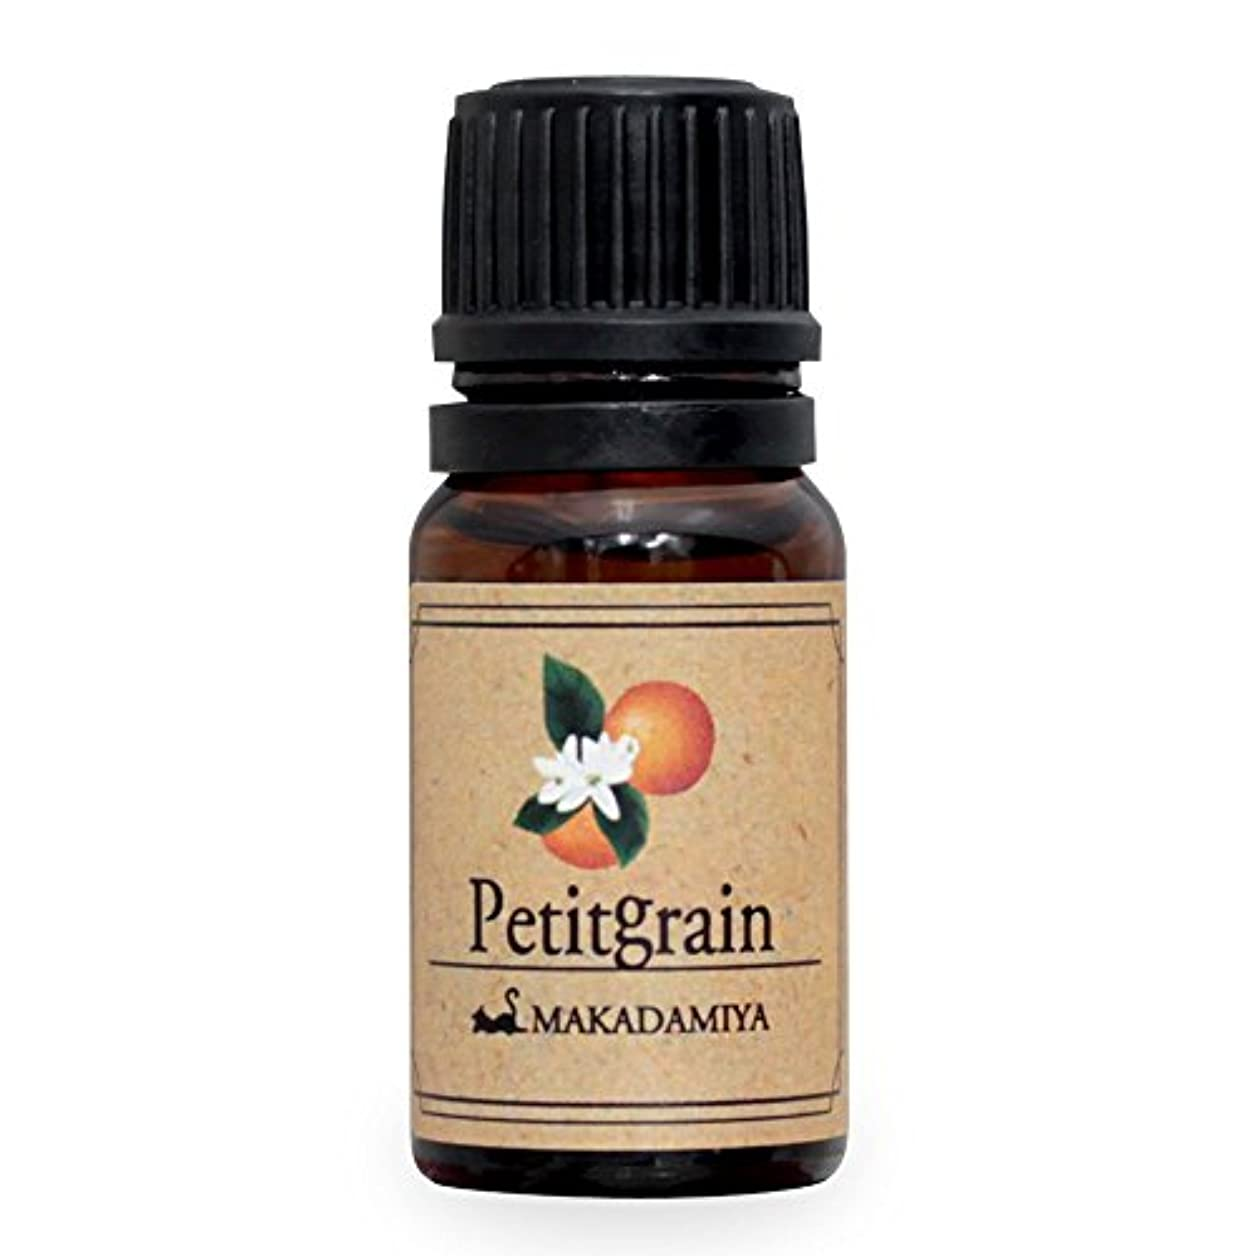 人気情熱的モードプチグレン10ml 天然100%植物性 エッセンシャルオイル(精油) アロマオイル アロママッサージ aroma Petitgrain